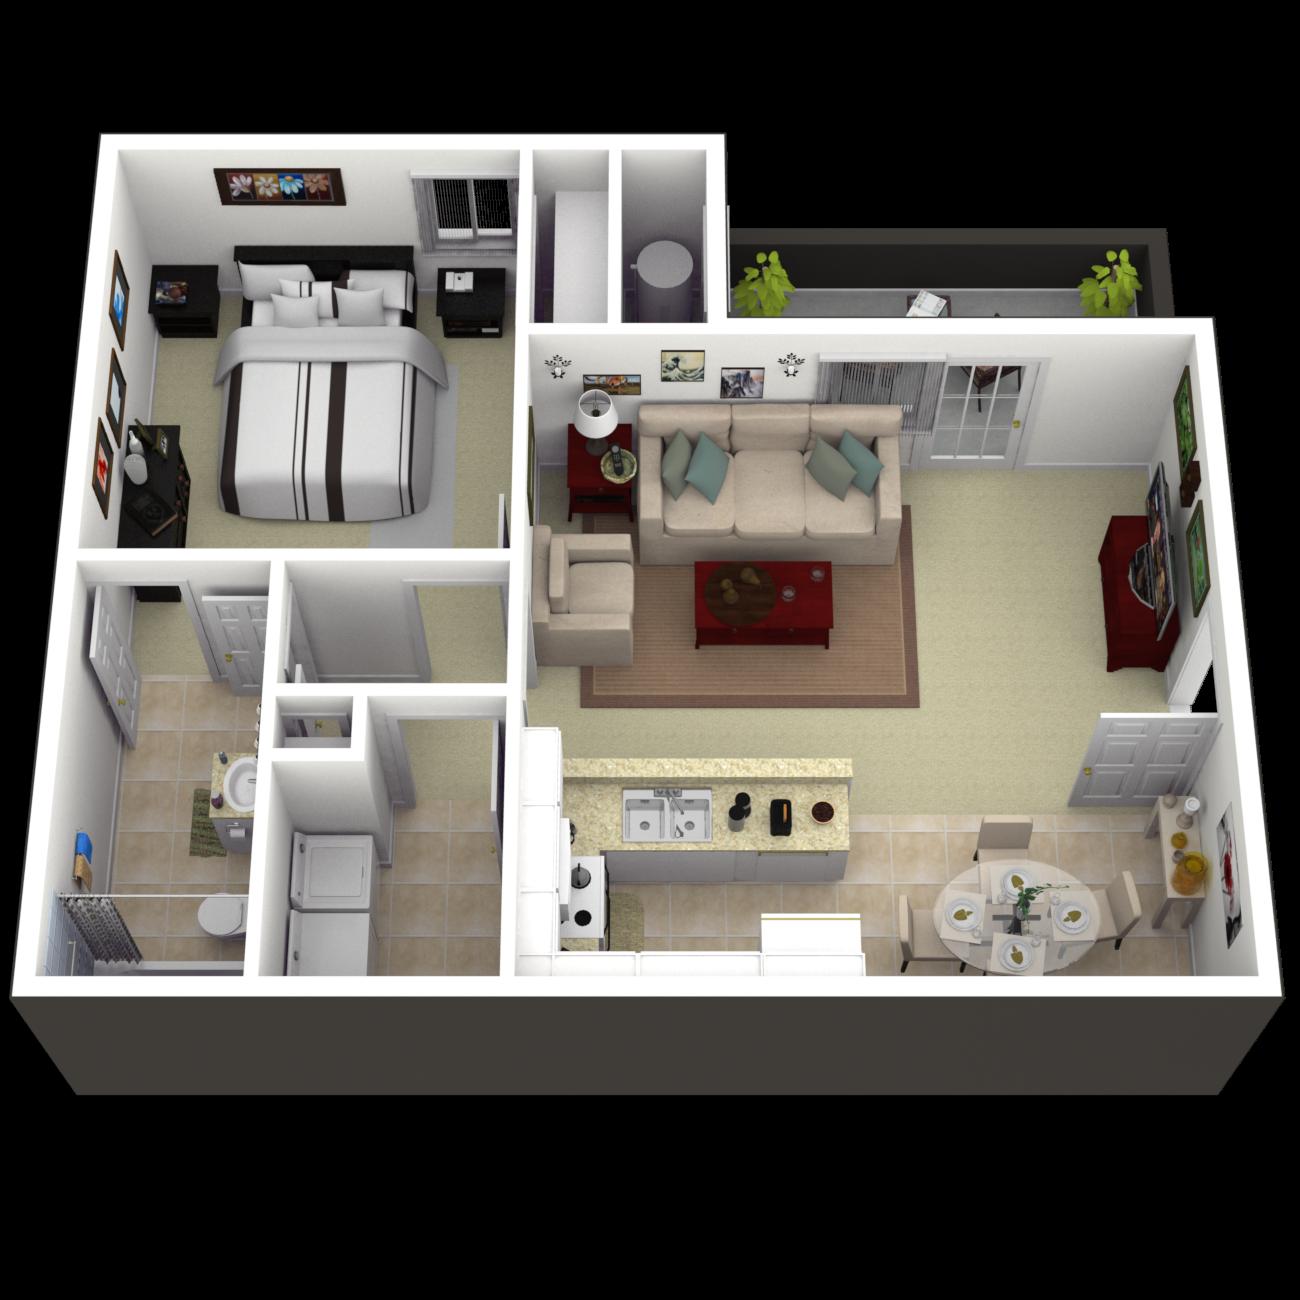 The Belmont Floor Plan 1